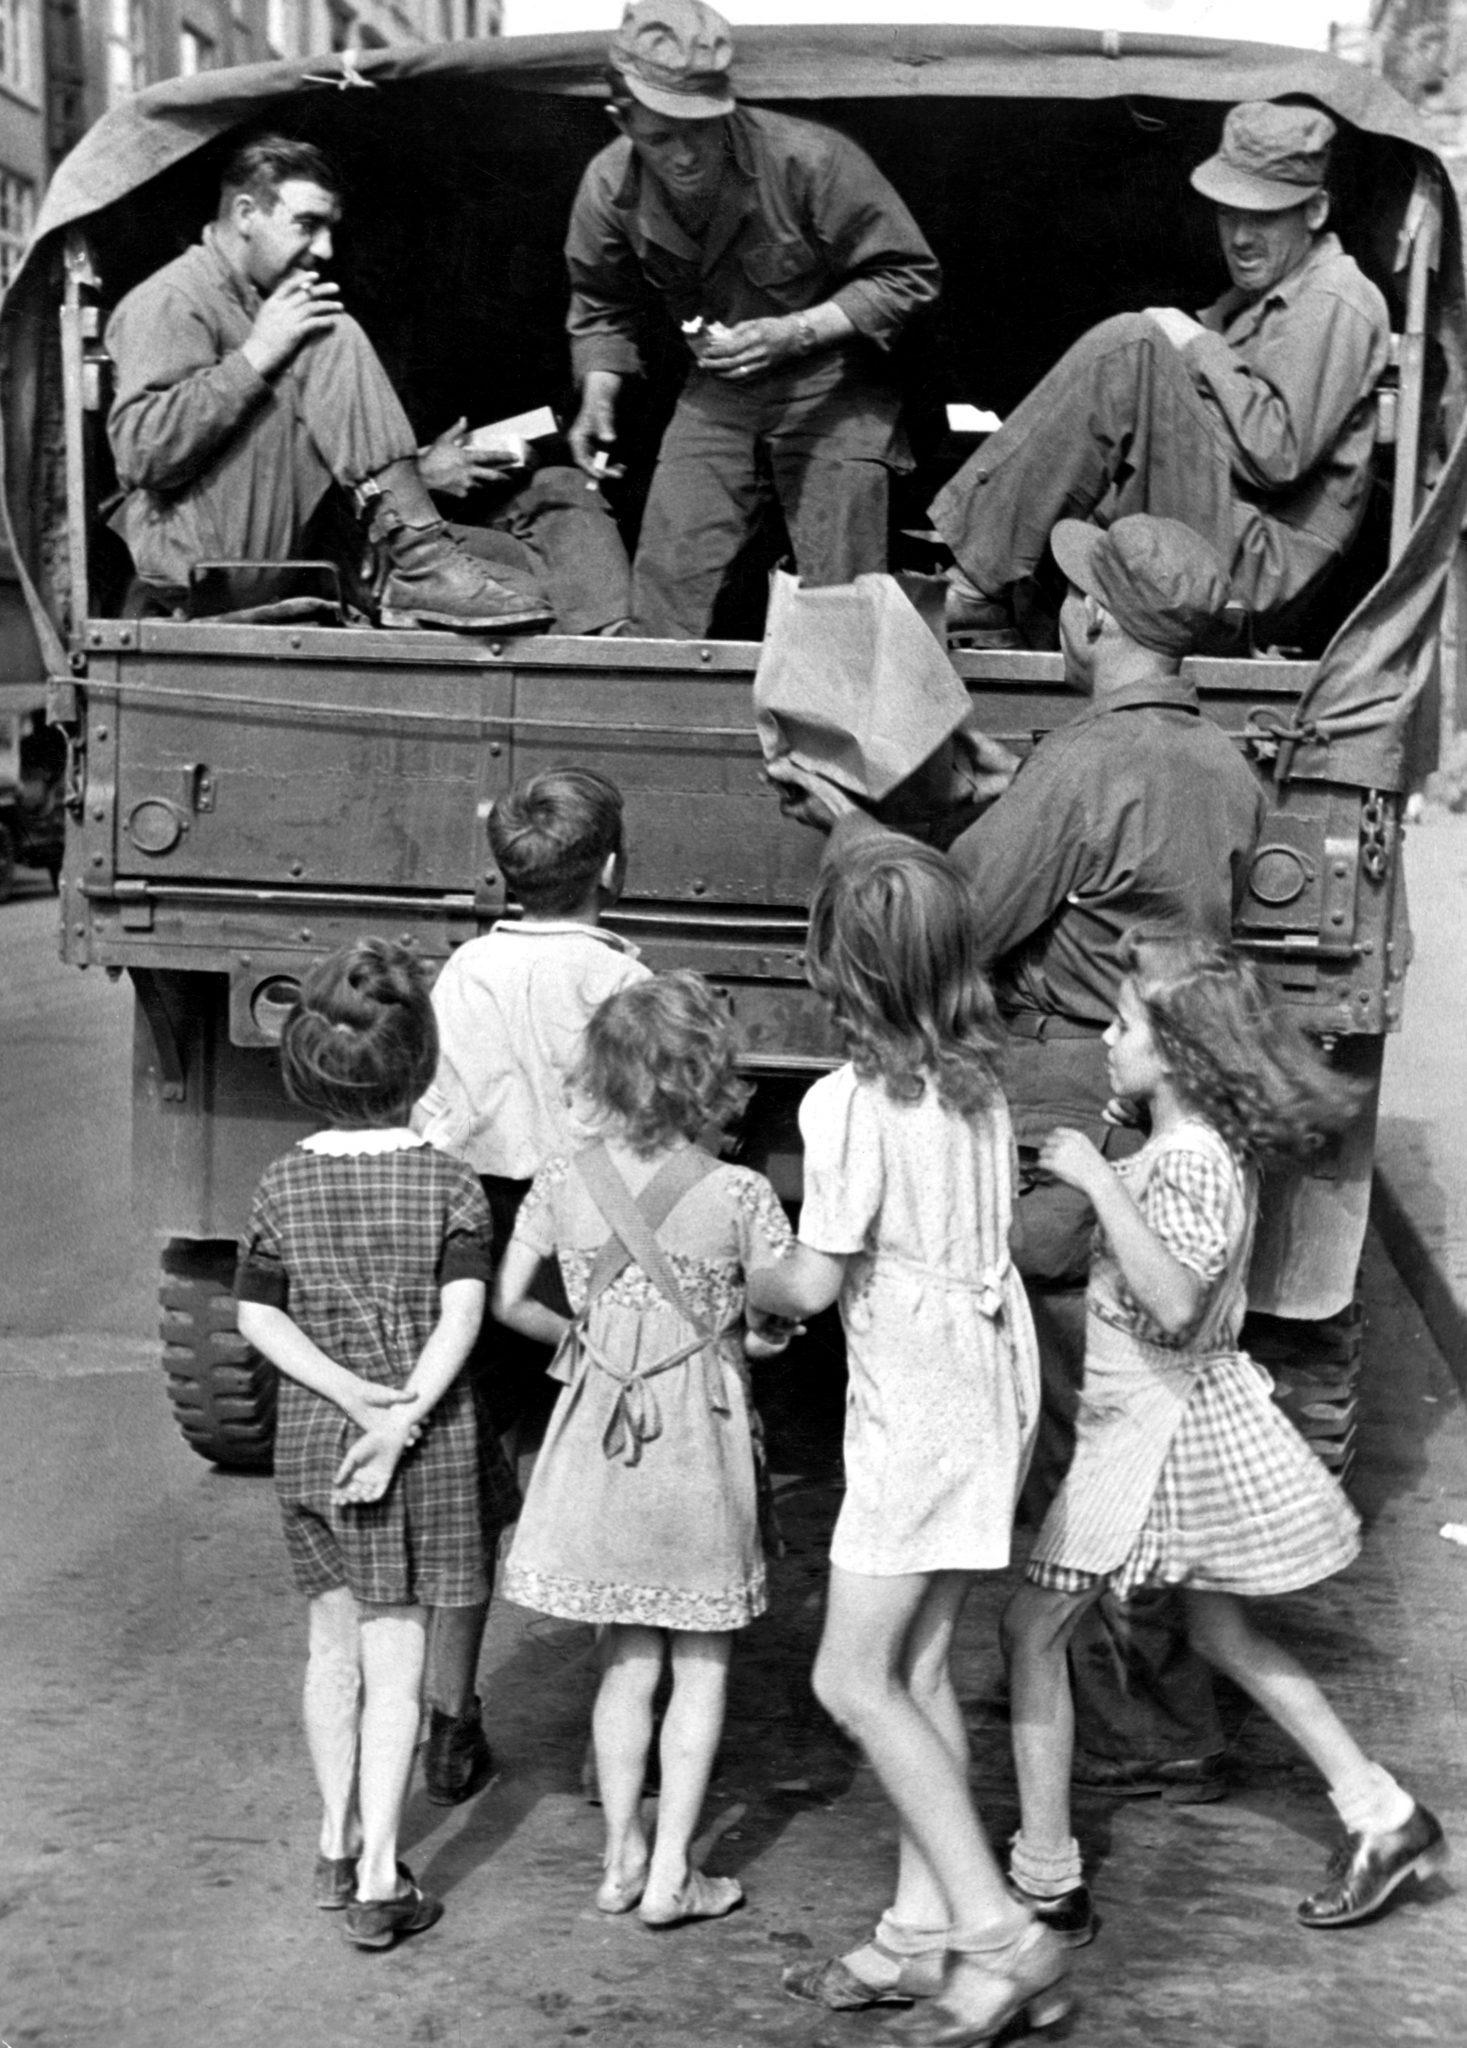 Amerikanische Soldaten verteilen Süßigkeiten an Kinder.